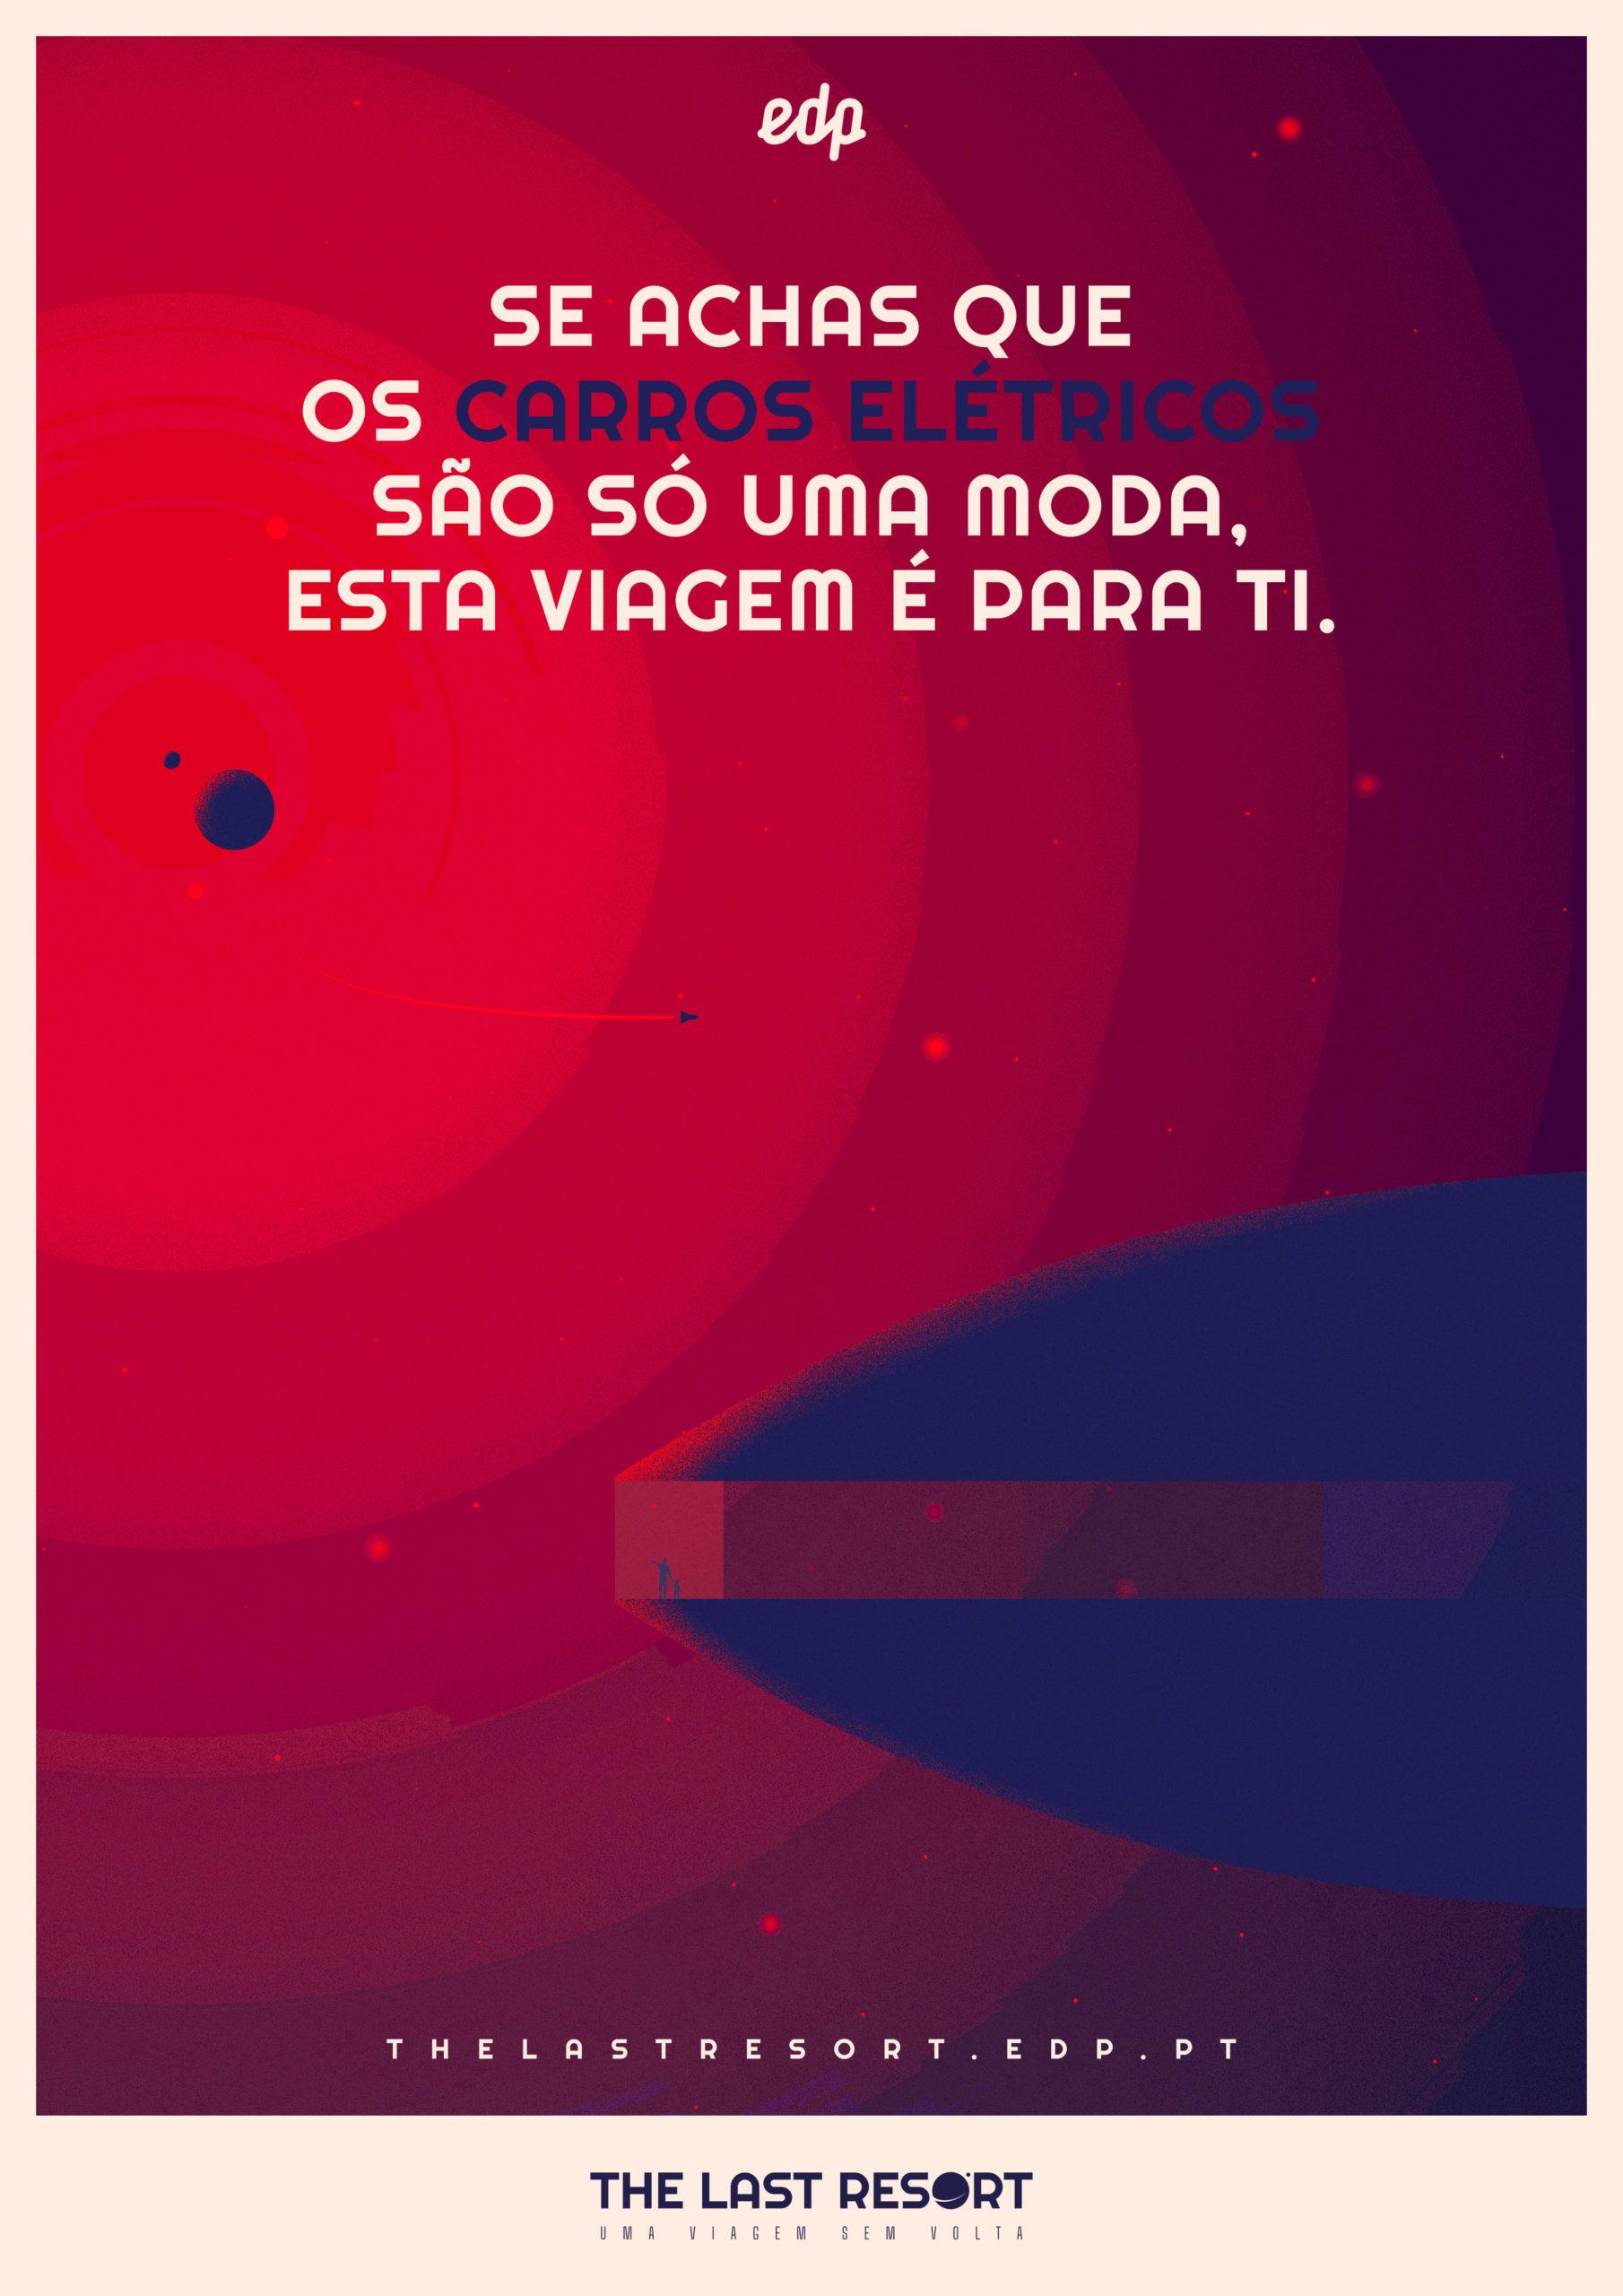 kv-space2